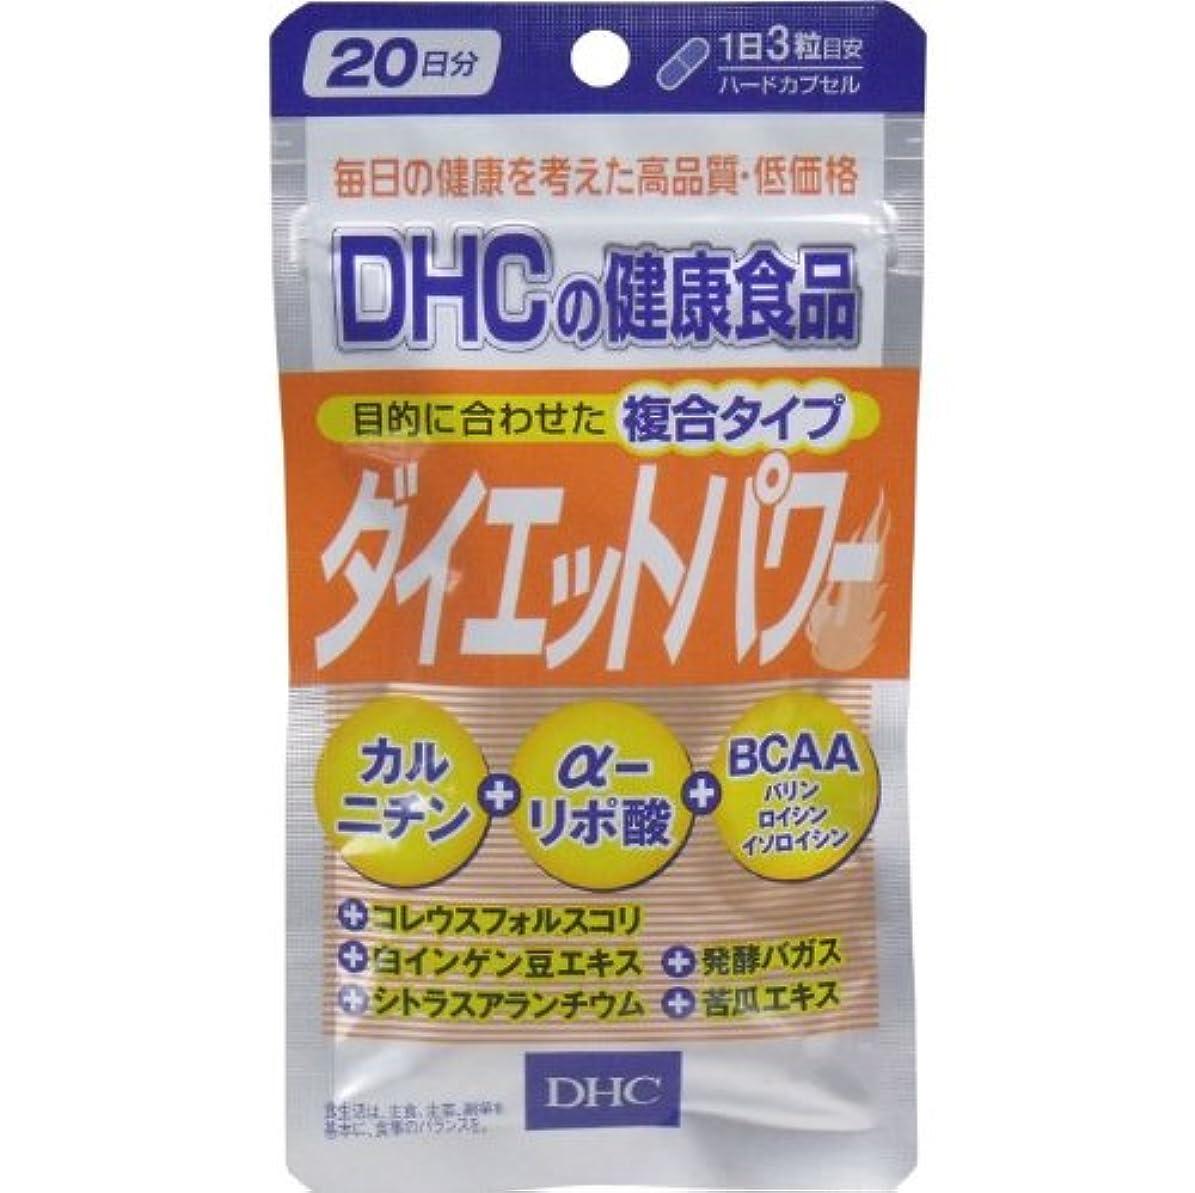 高くパークゴージャスDHC ダイエットパワー 60粒入 20日分【3個セット】